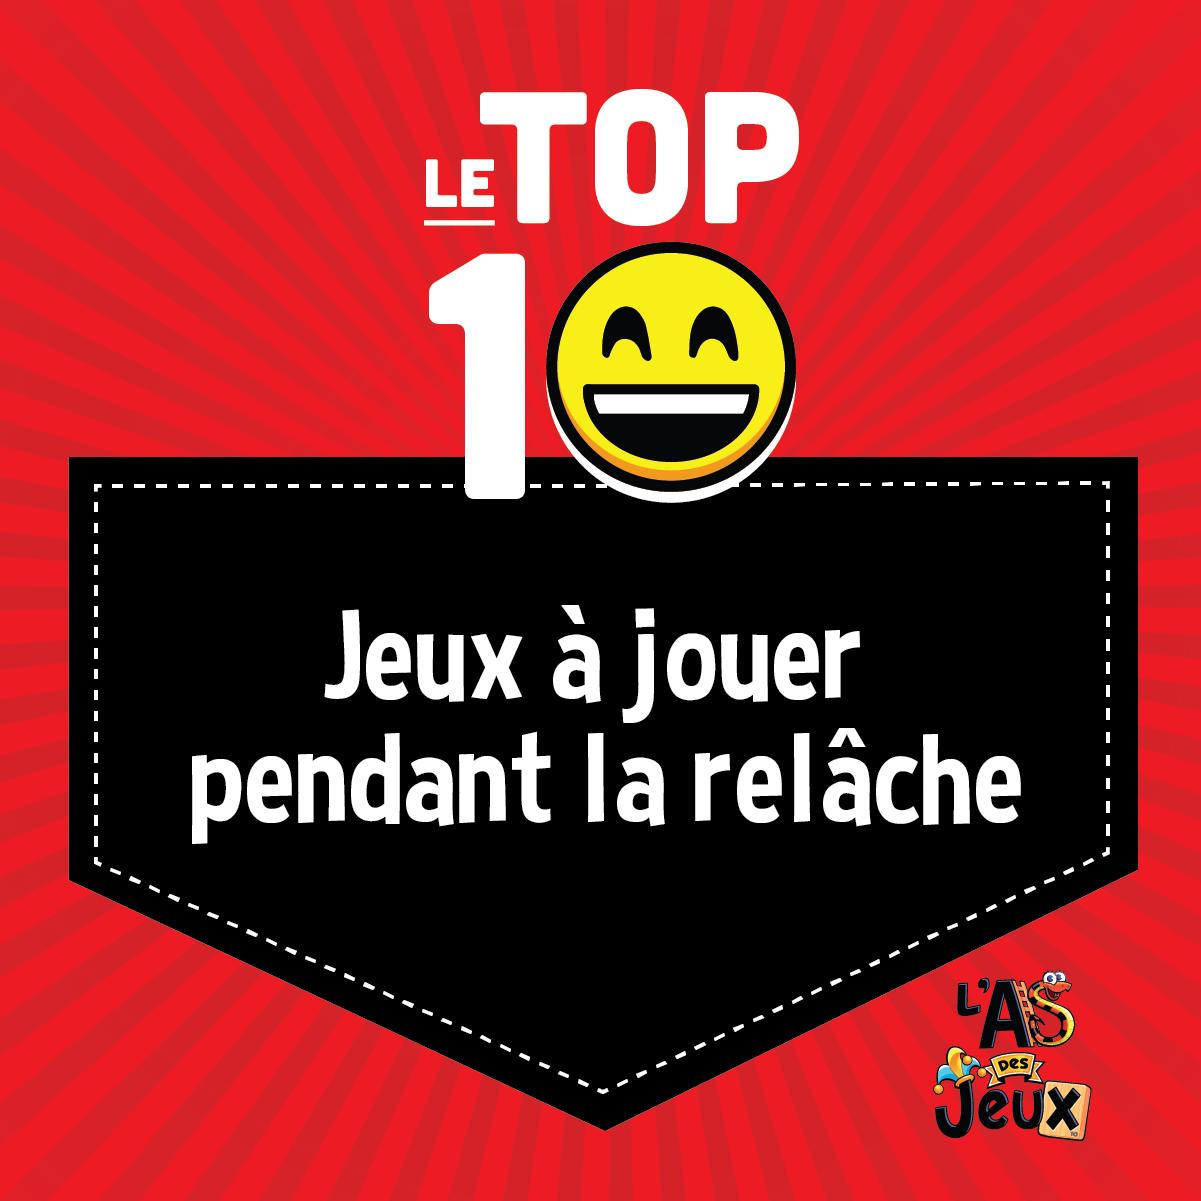 Top 10: Jeux à jouer pendant la relâche